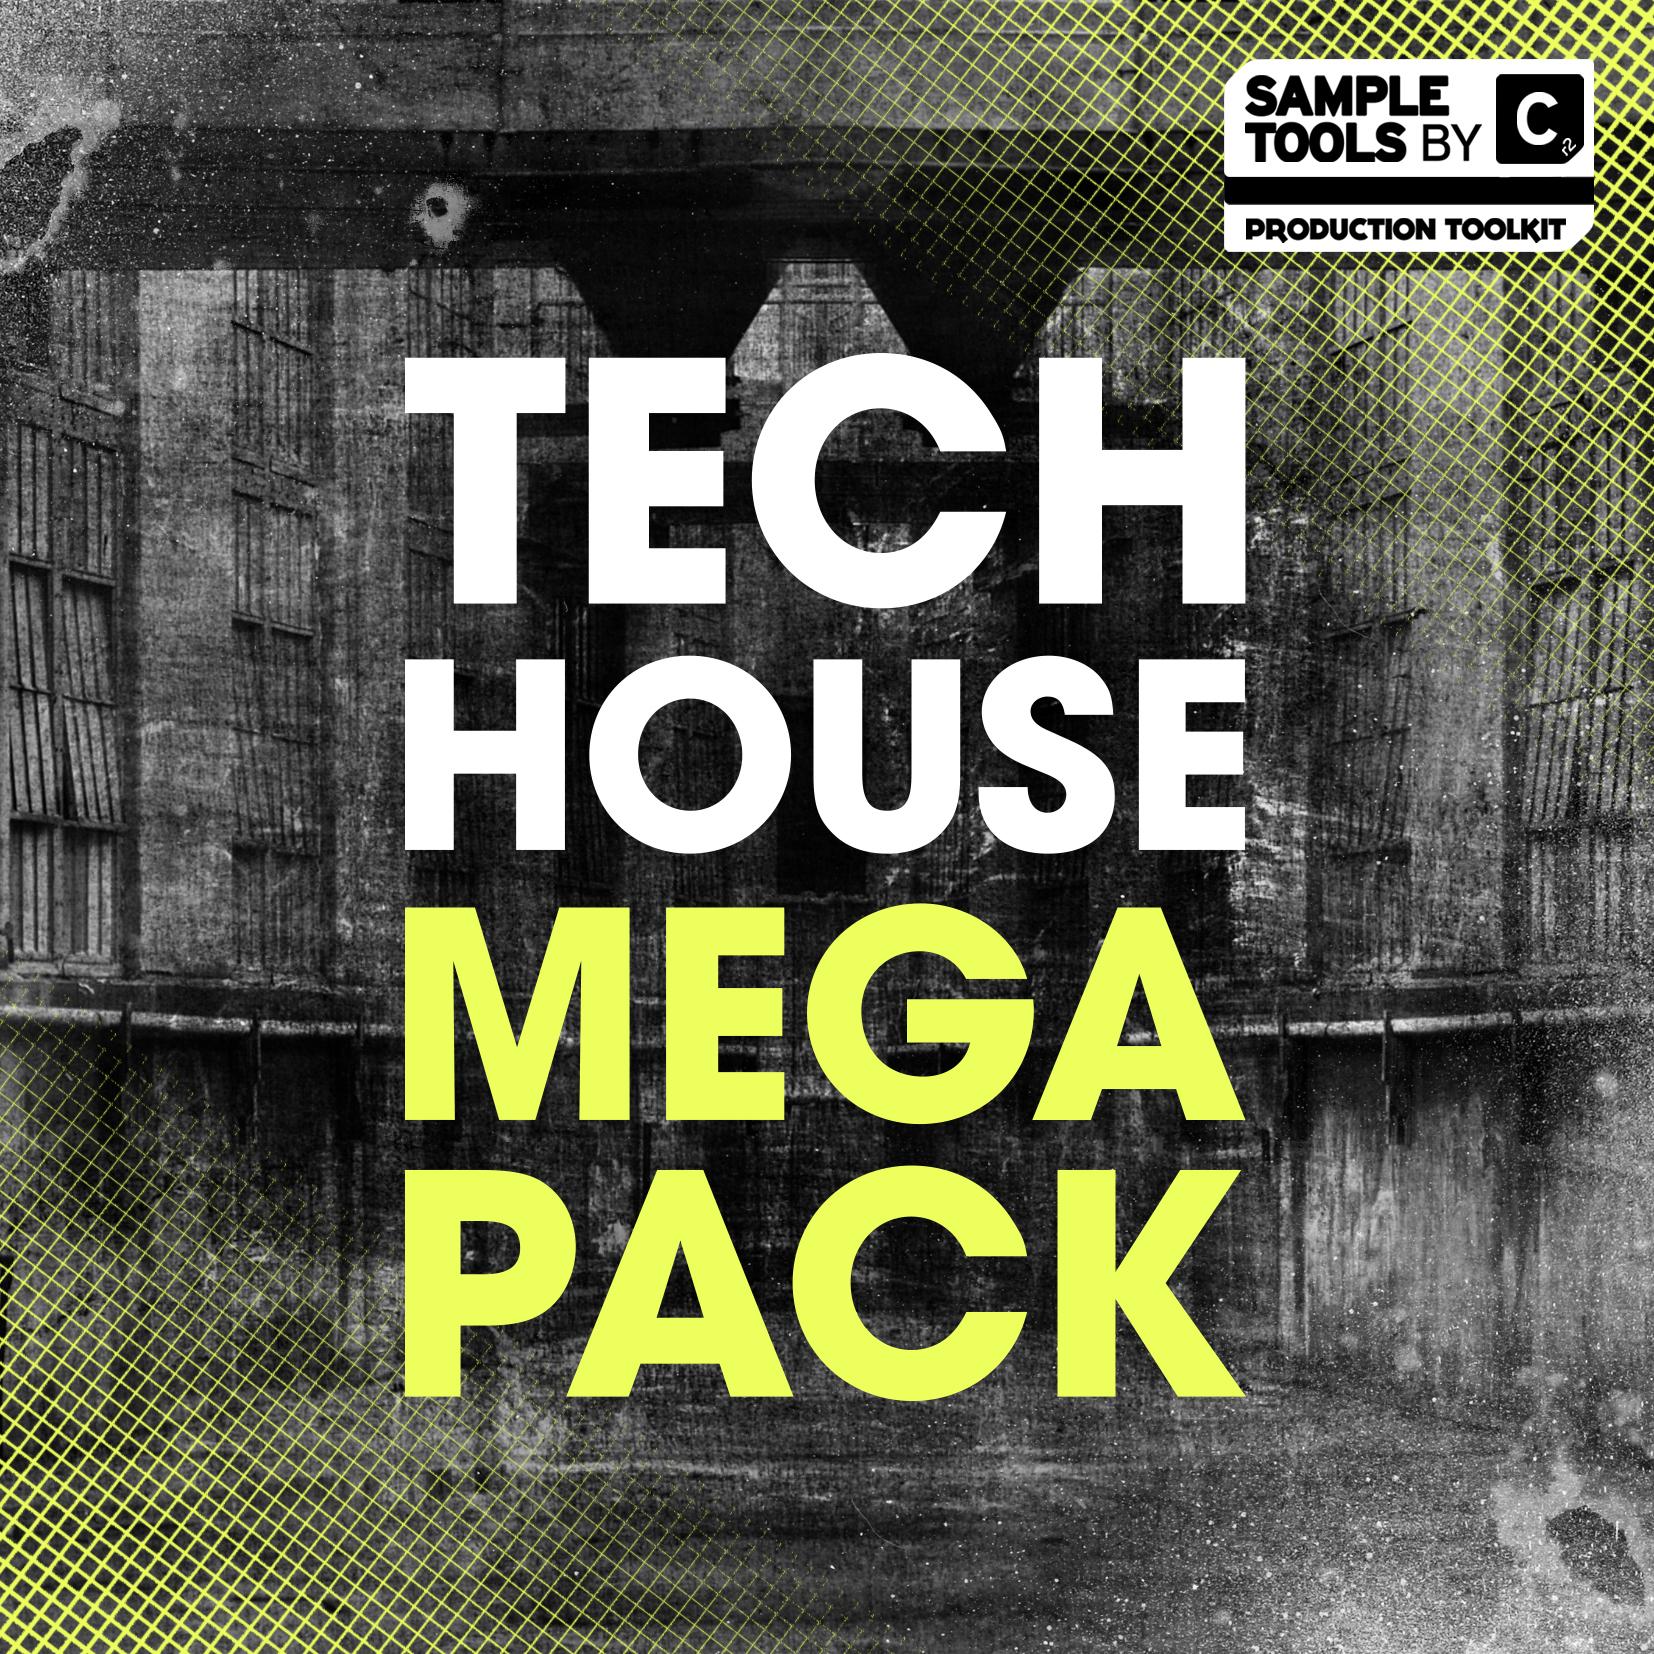 Deep house sample pack torrent download